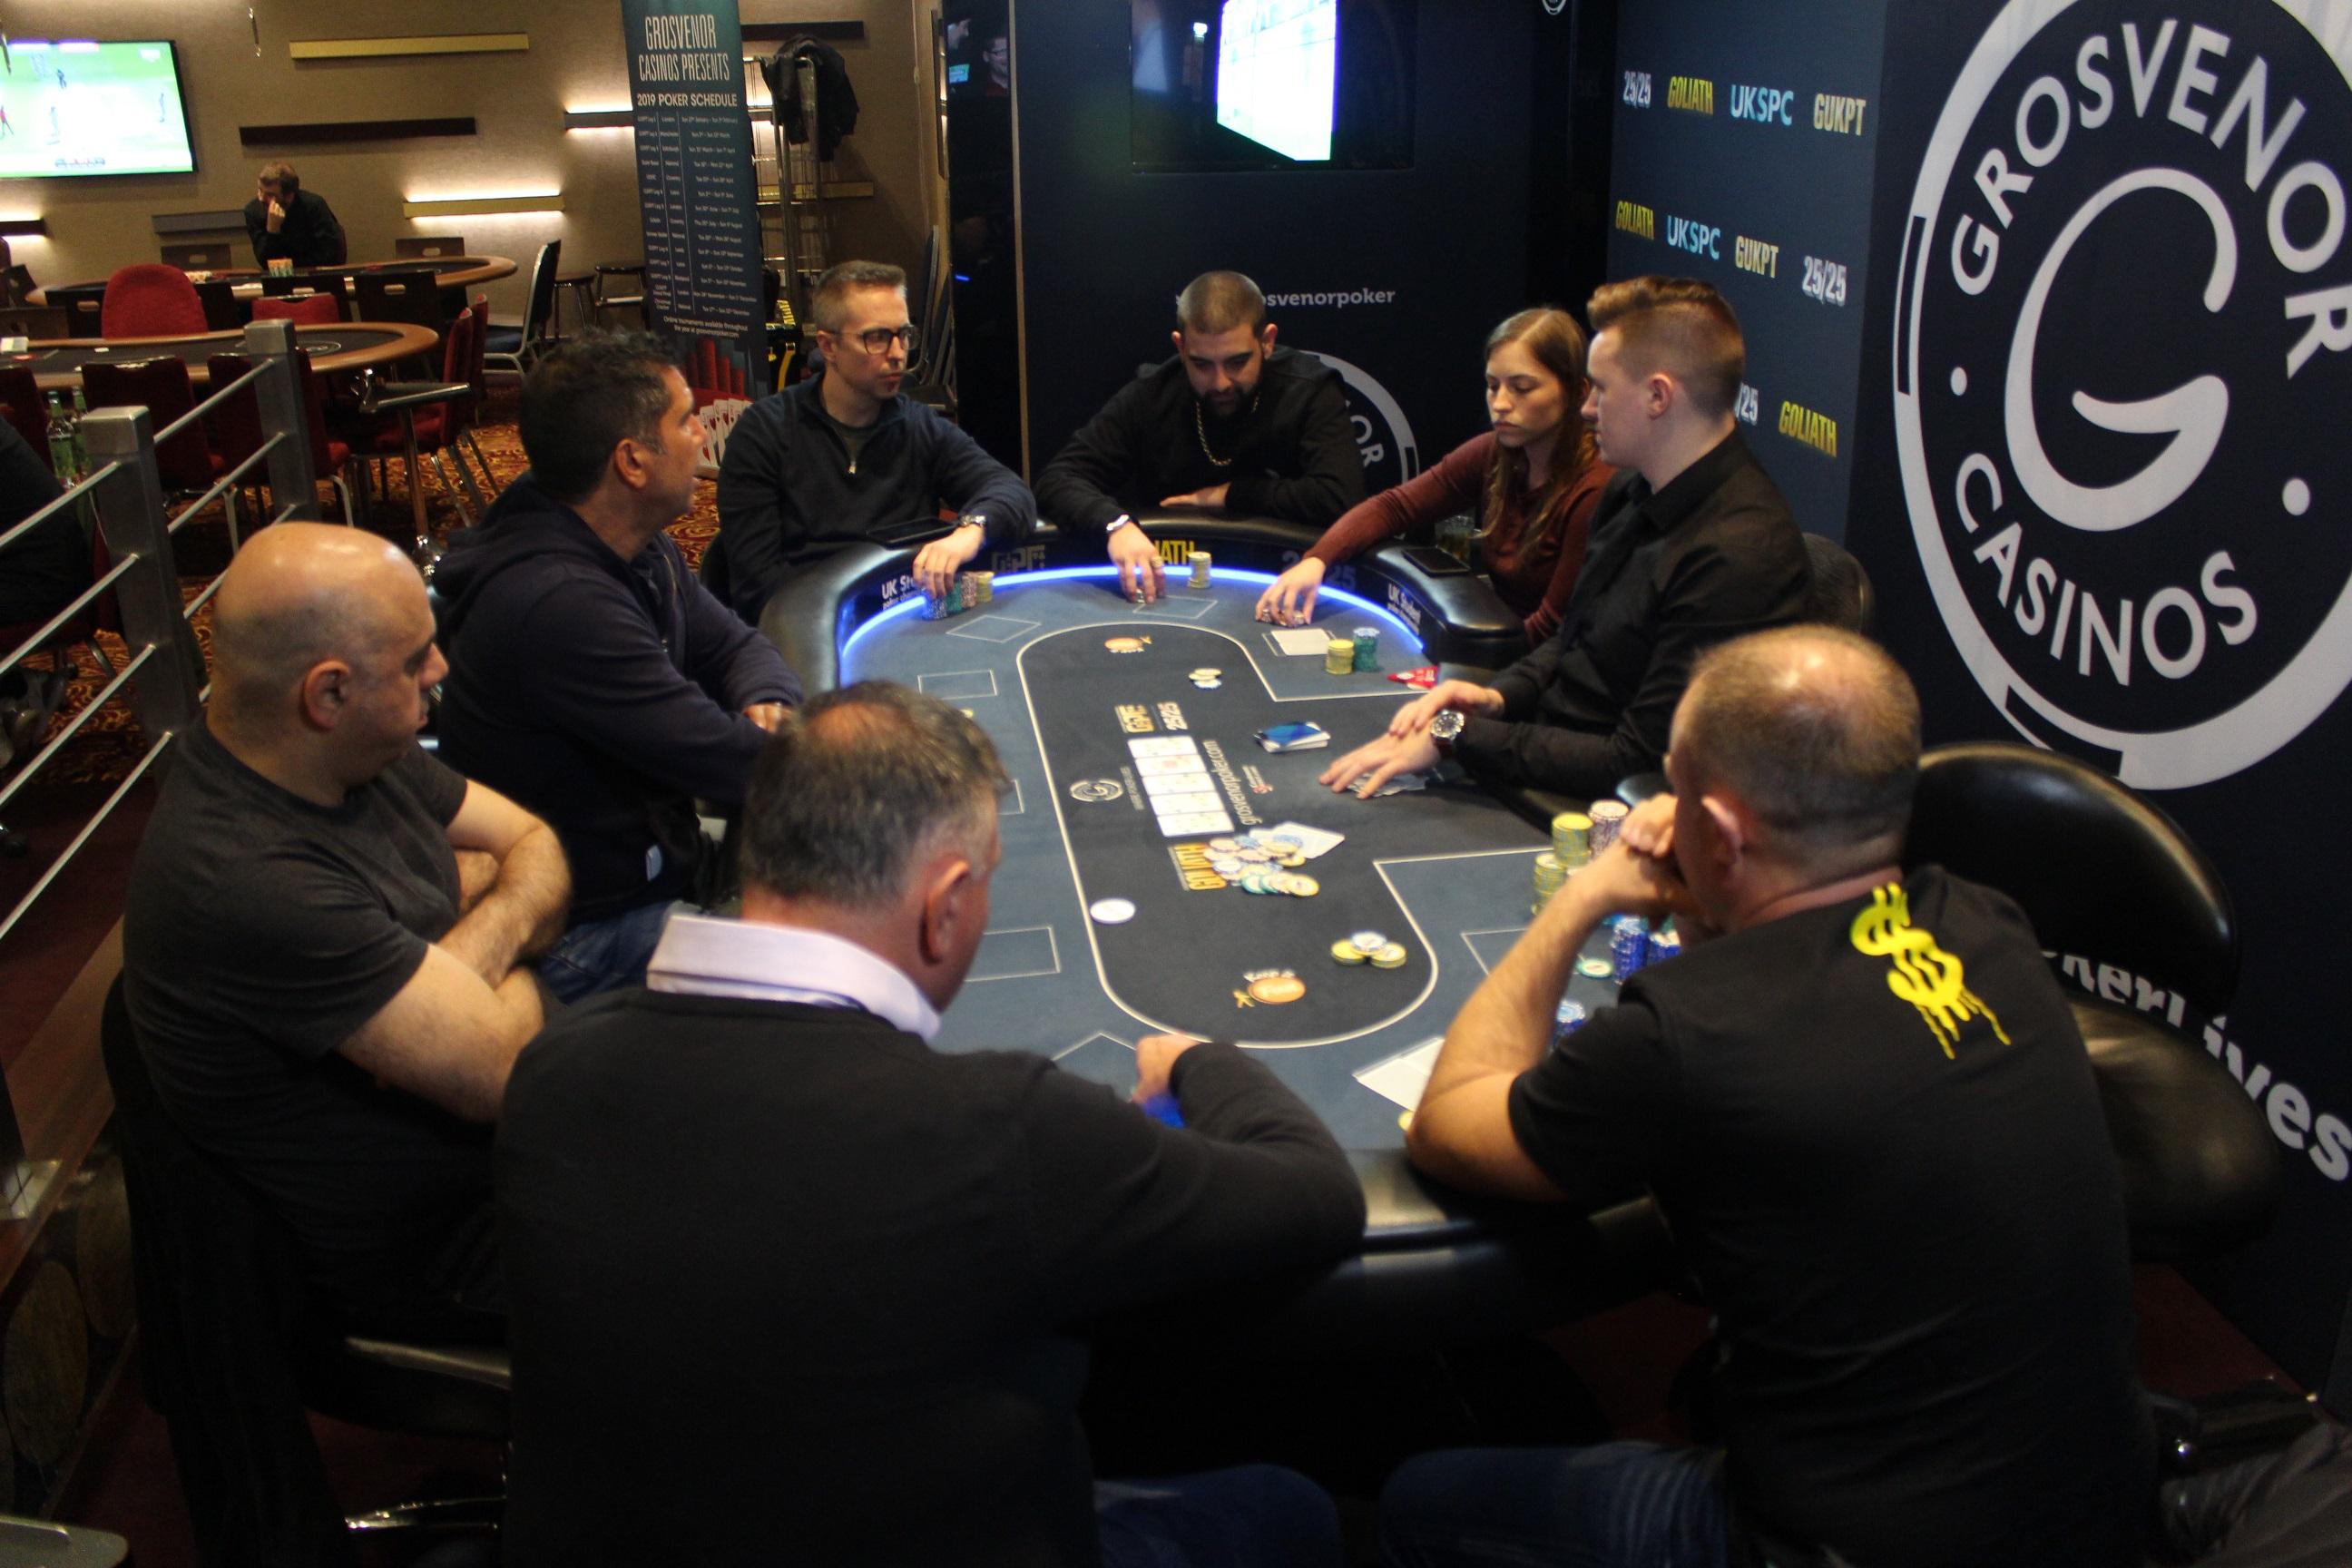 Casino spelen jeugdbeweging chiron corporation emeryville